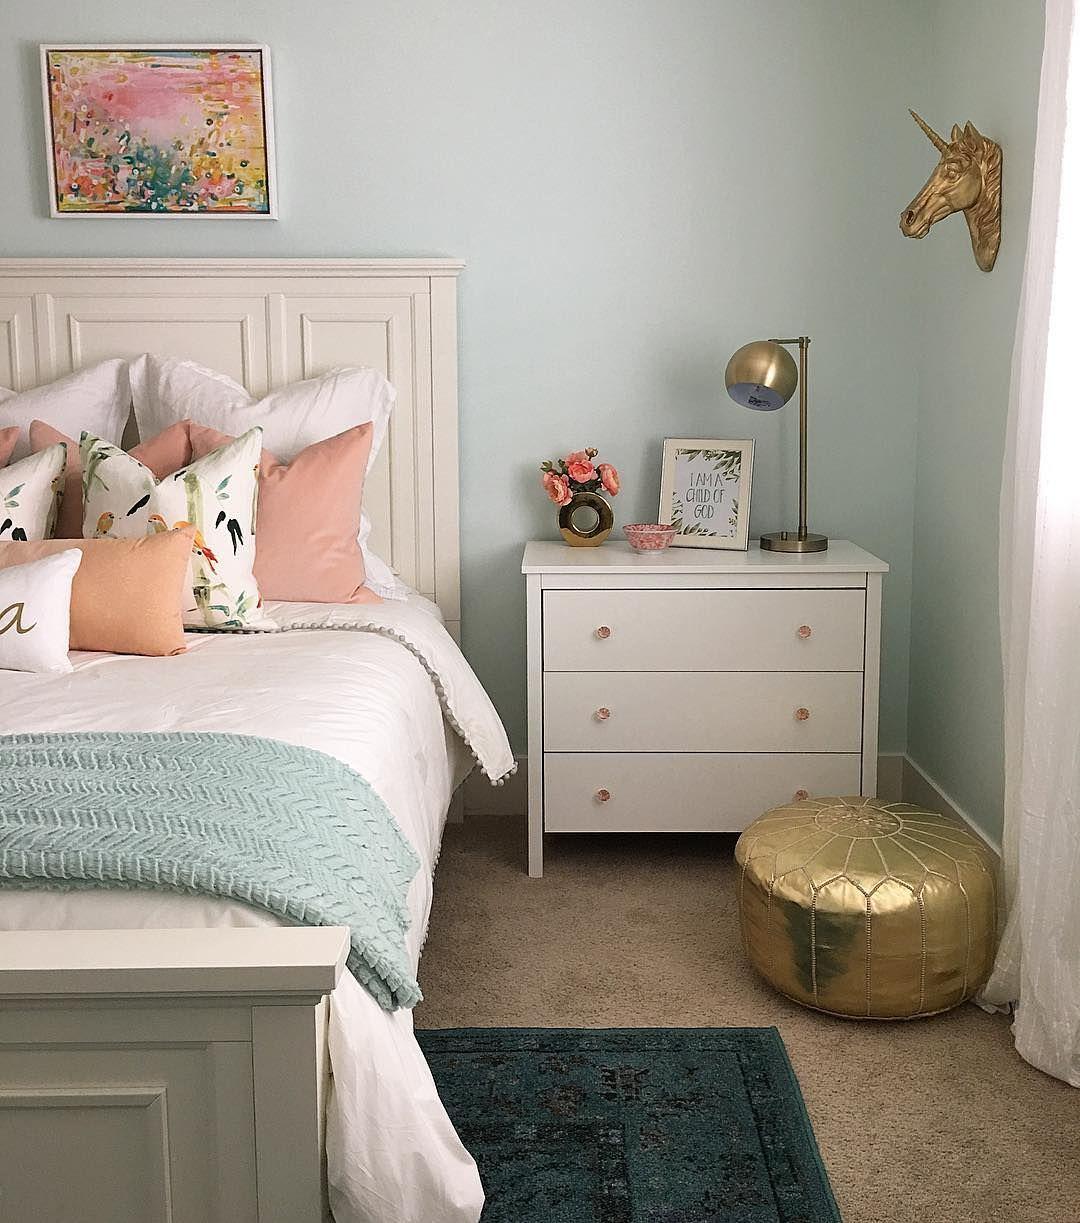 فنگ شویی اتاق خوابی که در آن دیوارها به رنگ آبی پاستلی است و رنگ جذاب صورتی در دکوریجات کوچک آن را از یکنواختی خارج کرده است